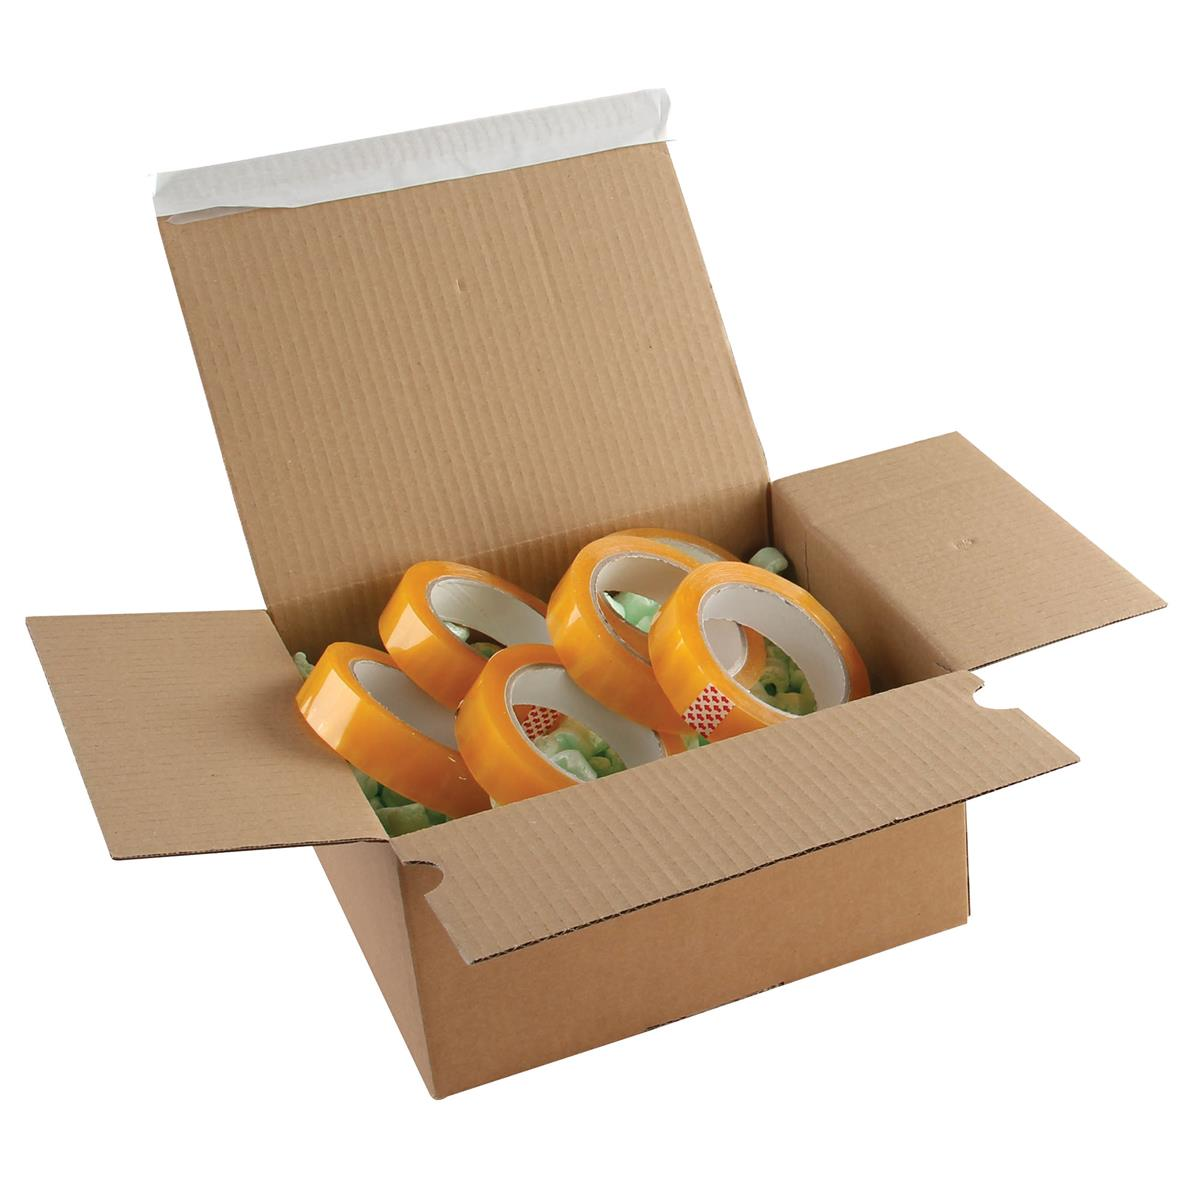 Image for Blakes Postal Box Peel & Seal WxDxH 230x160x80mm Kraft Ref PEB30 [Pack 20]